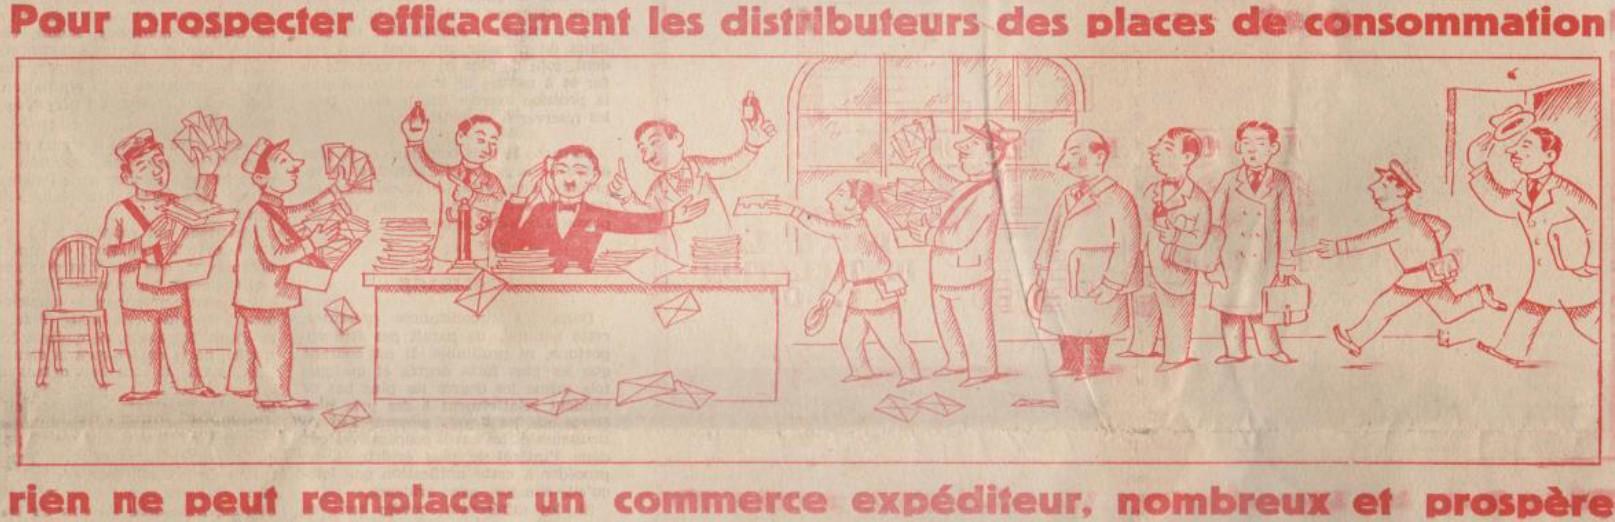 Moniteur vinicole, numéro spécial, 1952